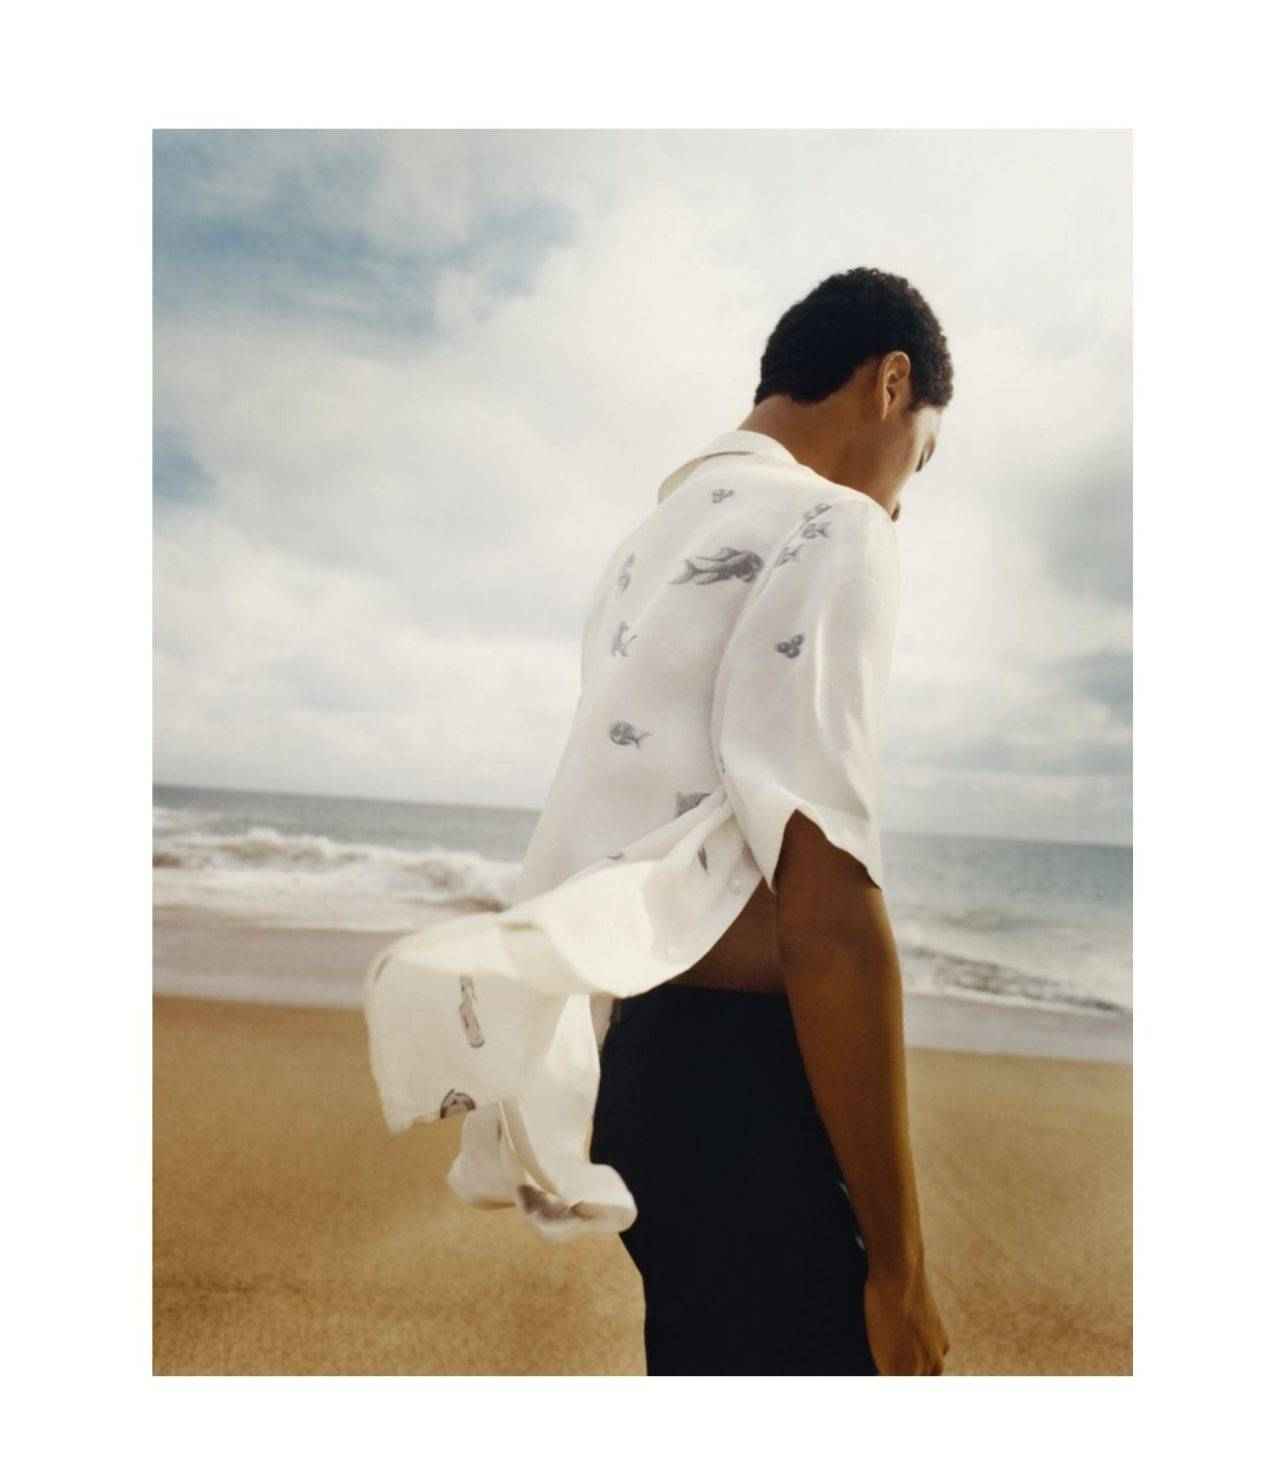 Dior Men la nouvelle collection homme printemps 2021